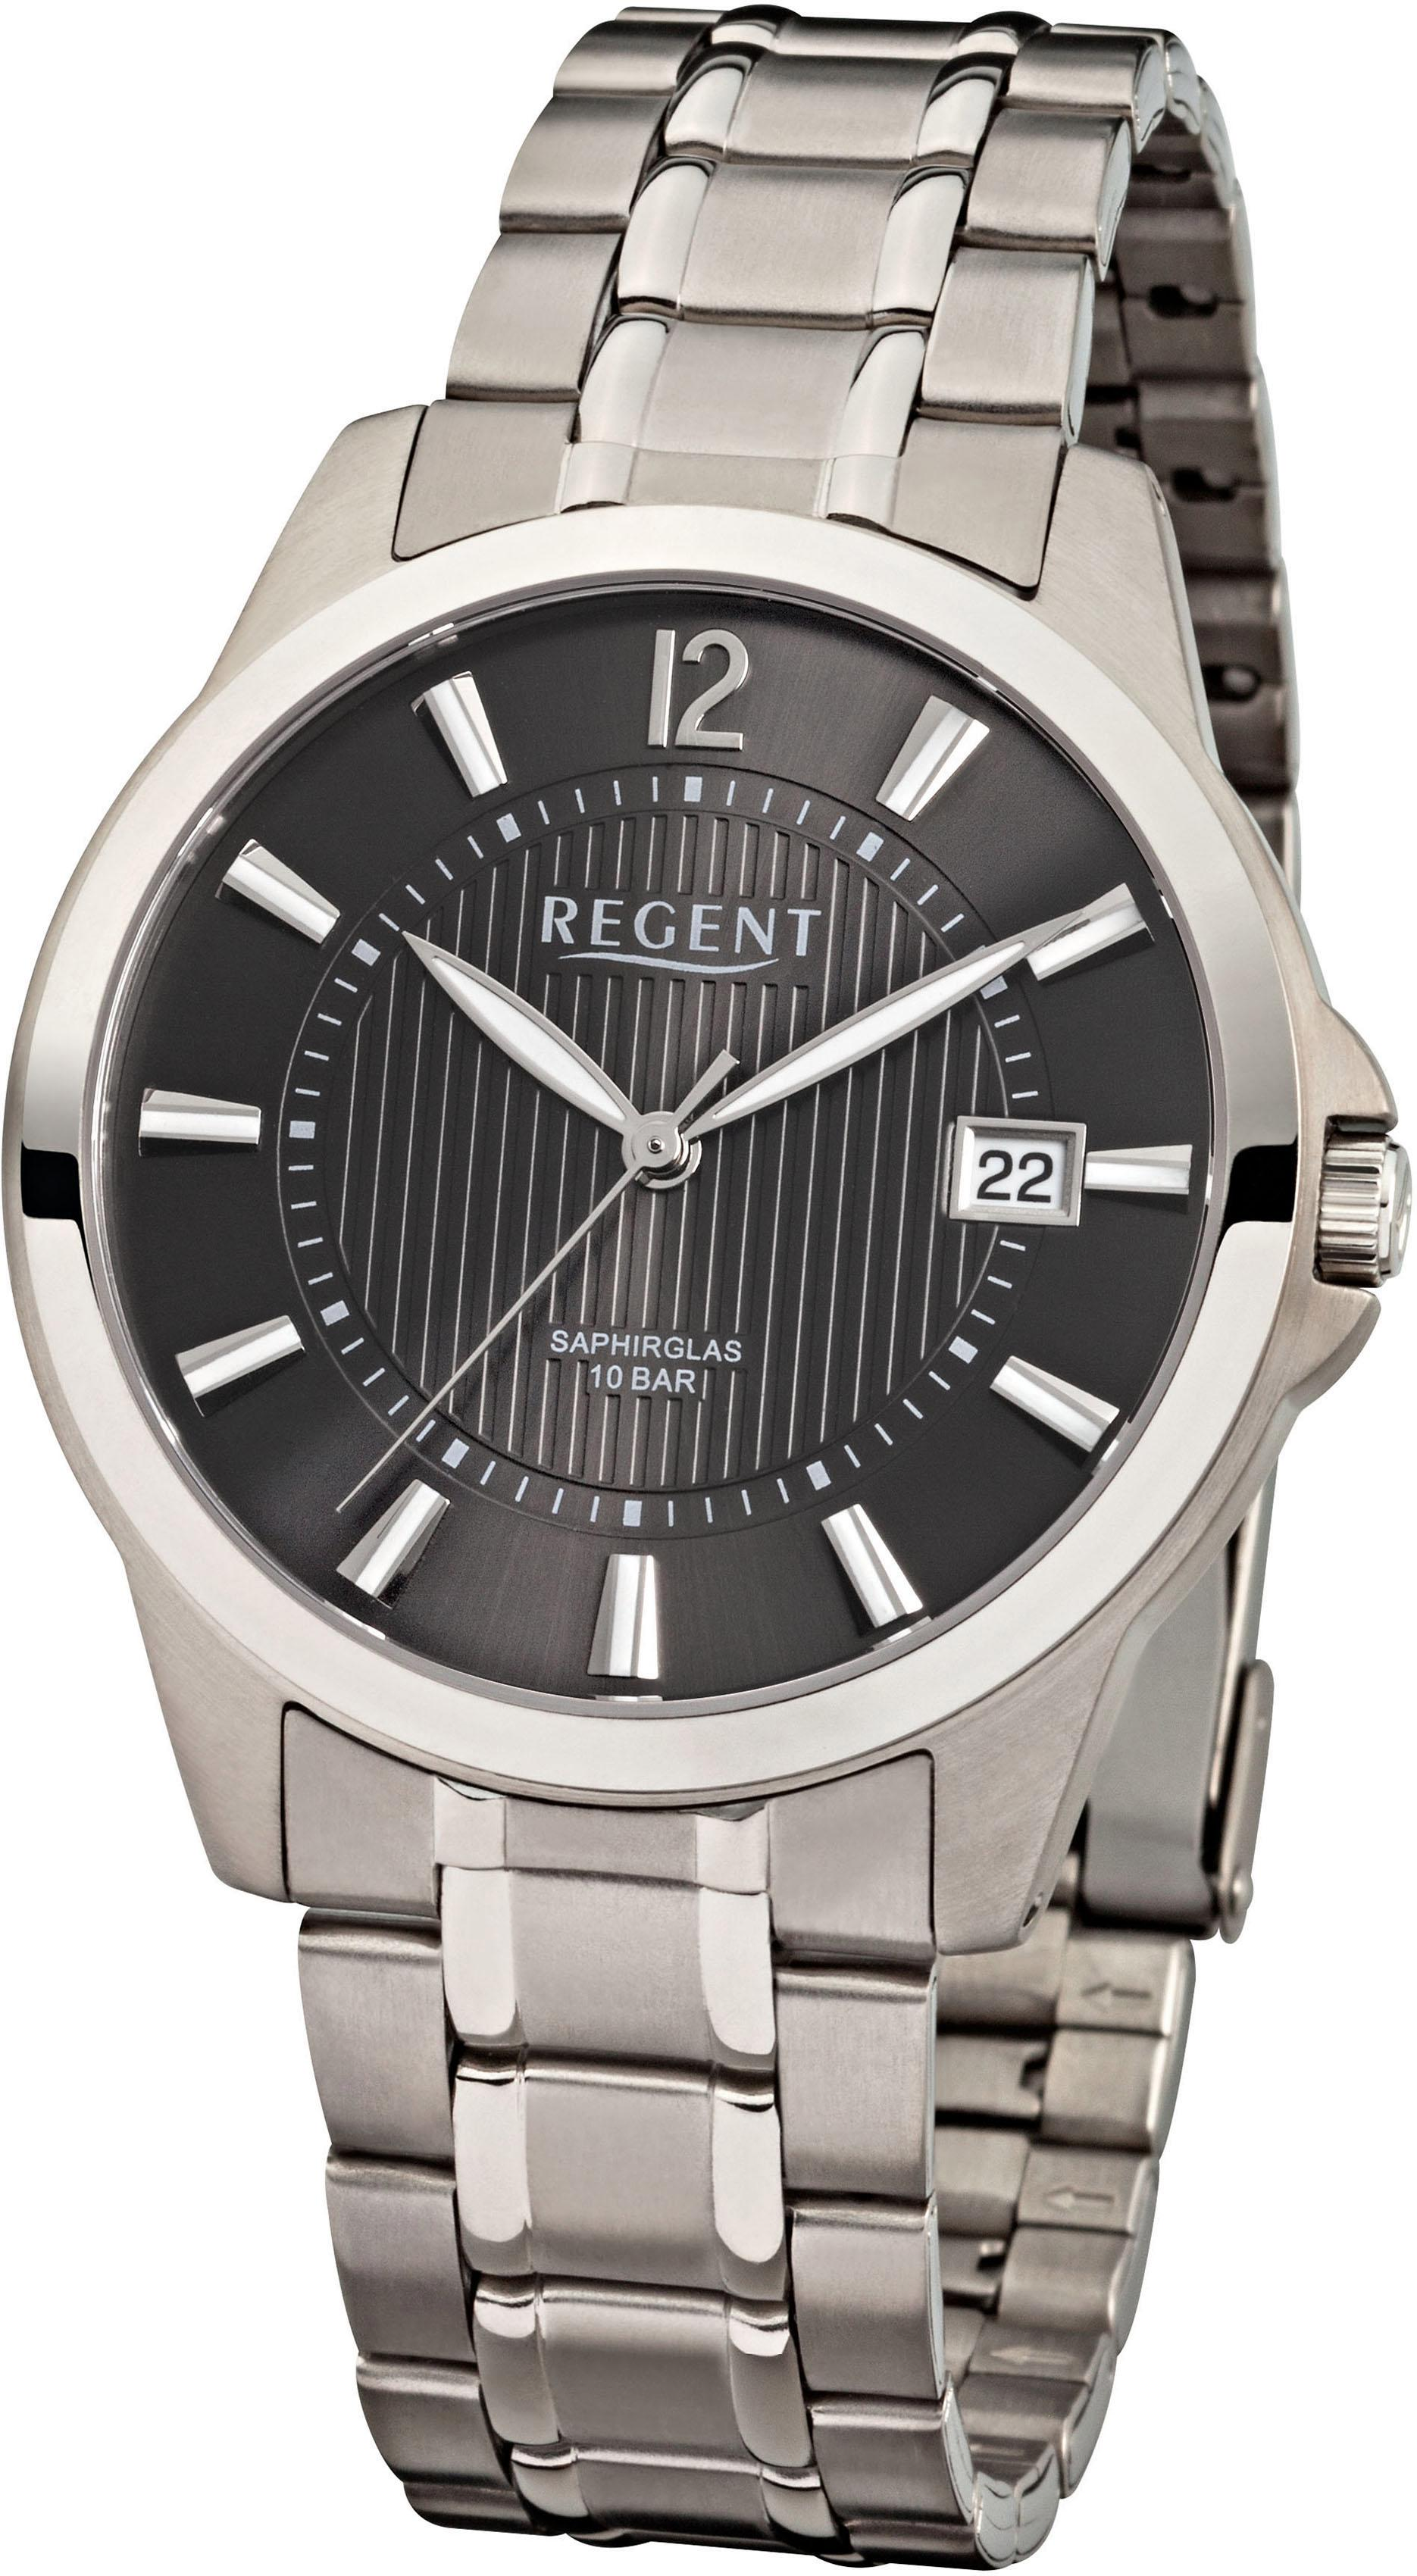 Regent Titanuhr 17689095 F555 | Uhren > Titanuhren | Regent